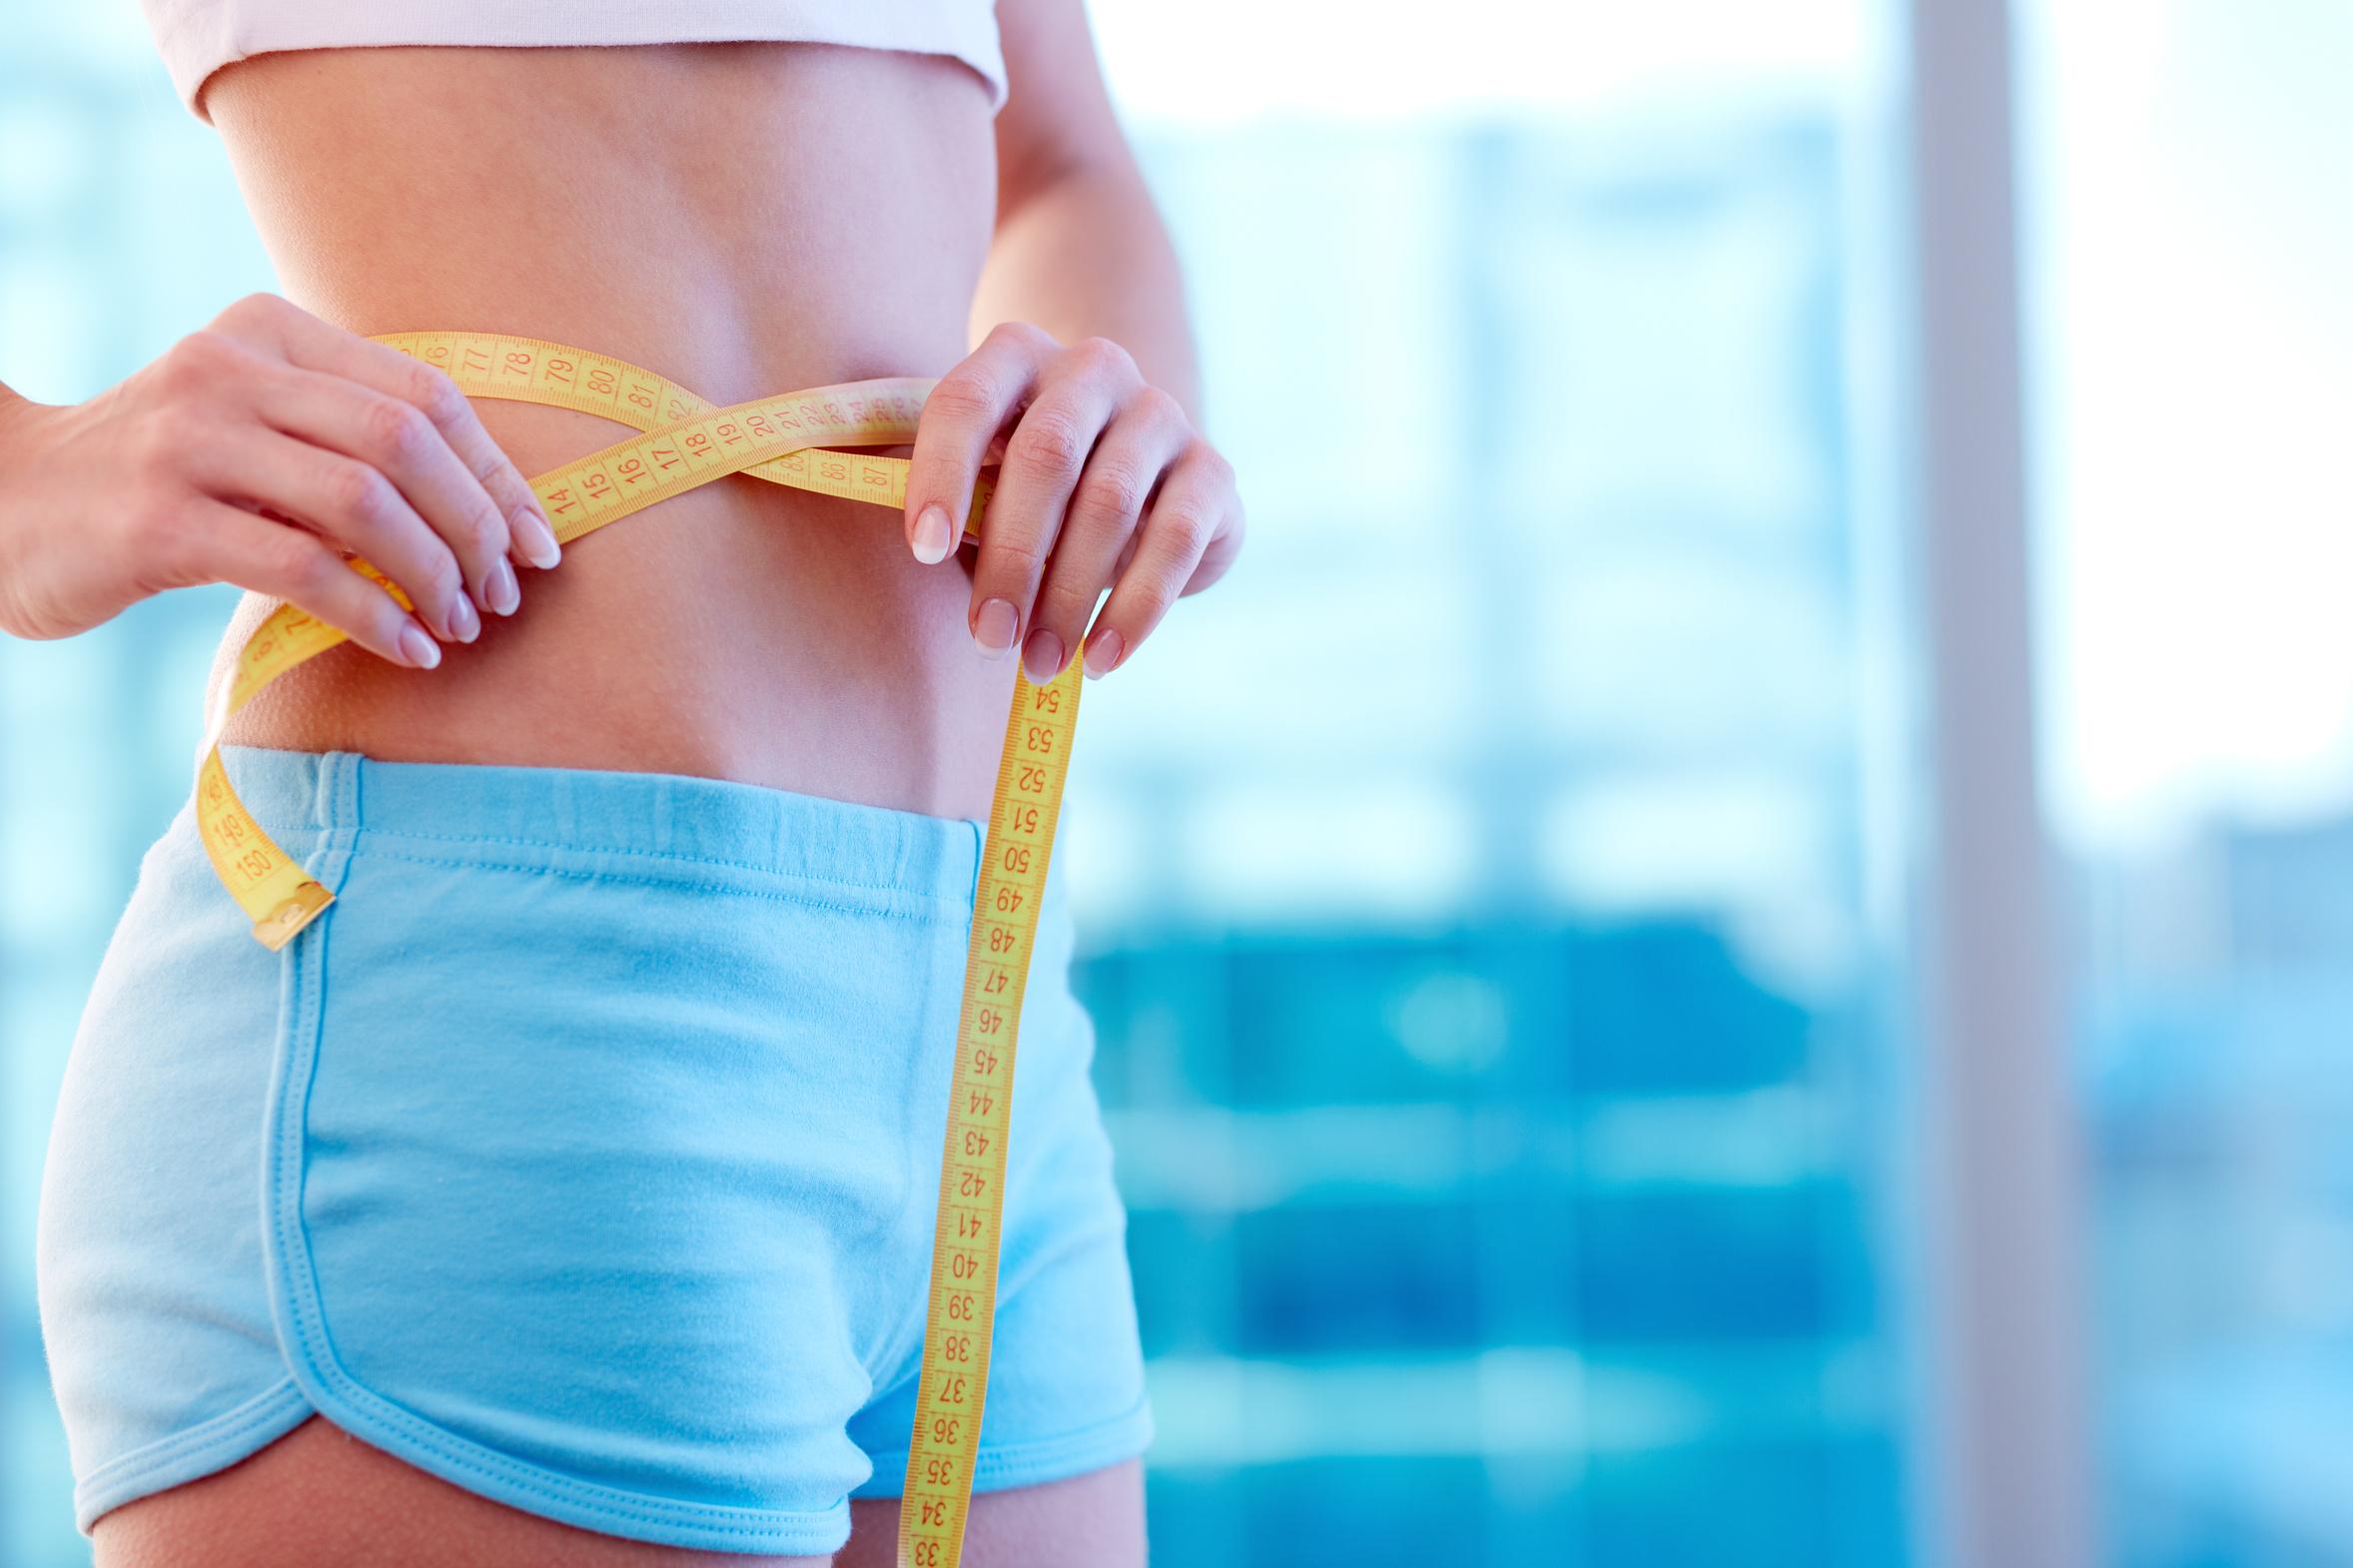 pierdere în greutate femara importanța pierderii în greutate sănătoasă